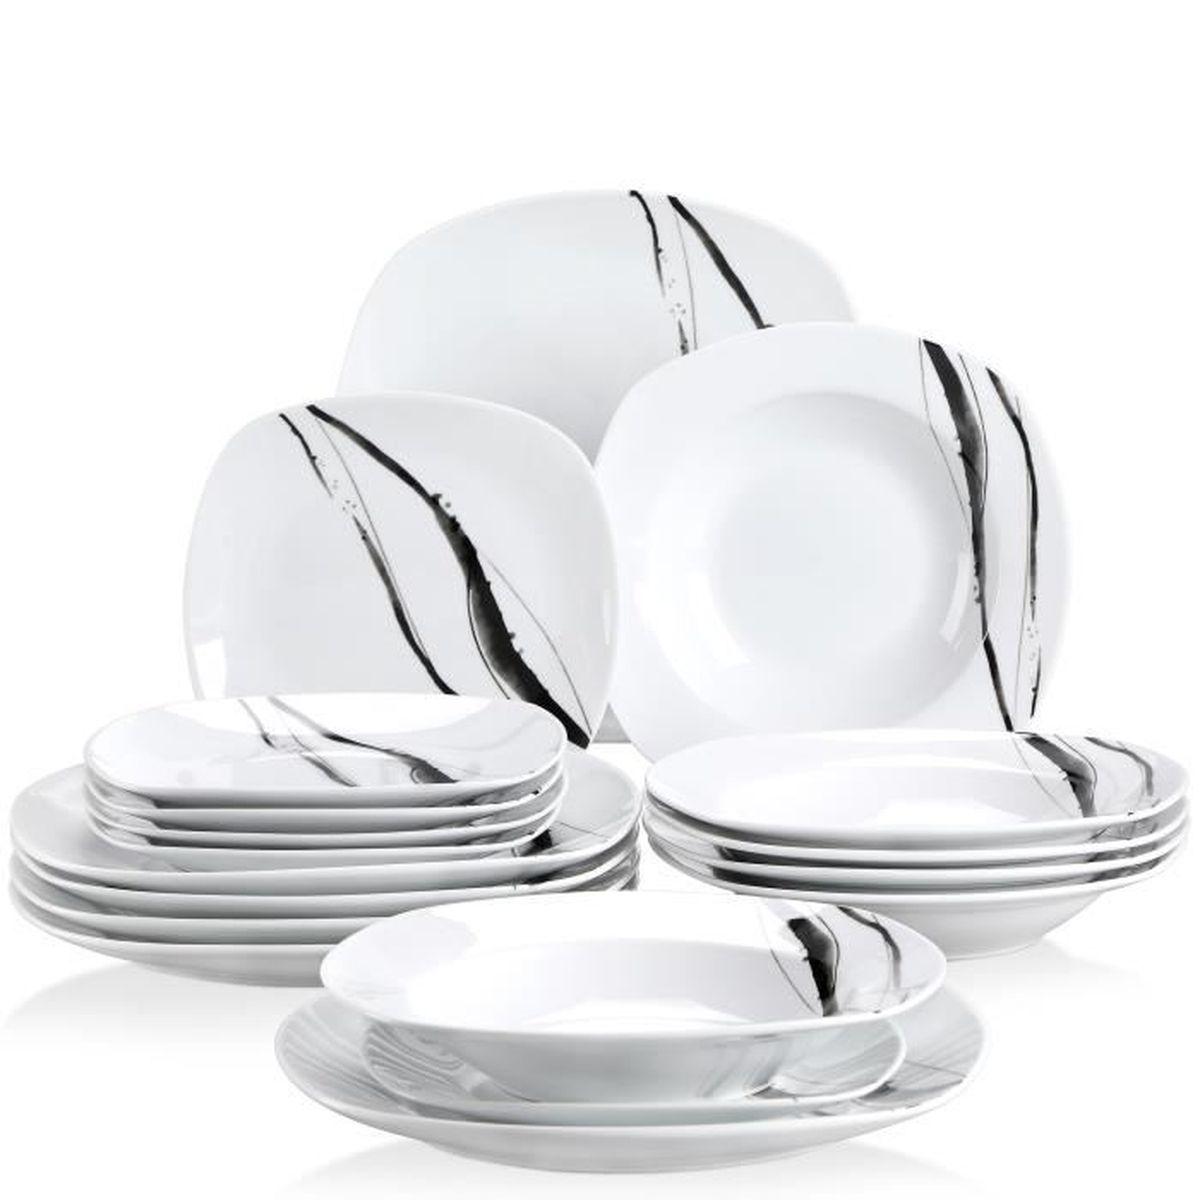 Veweet OLINA 18pcs Assiettes Pocelaine Service de Table 6pcs Assiettes Plates 24,7cm 6pcs Assiette /à Dessert 19cm Vaisselles pour 6 Personnes Design Fleuri 6pcs Assiette Creuse 21,5cm